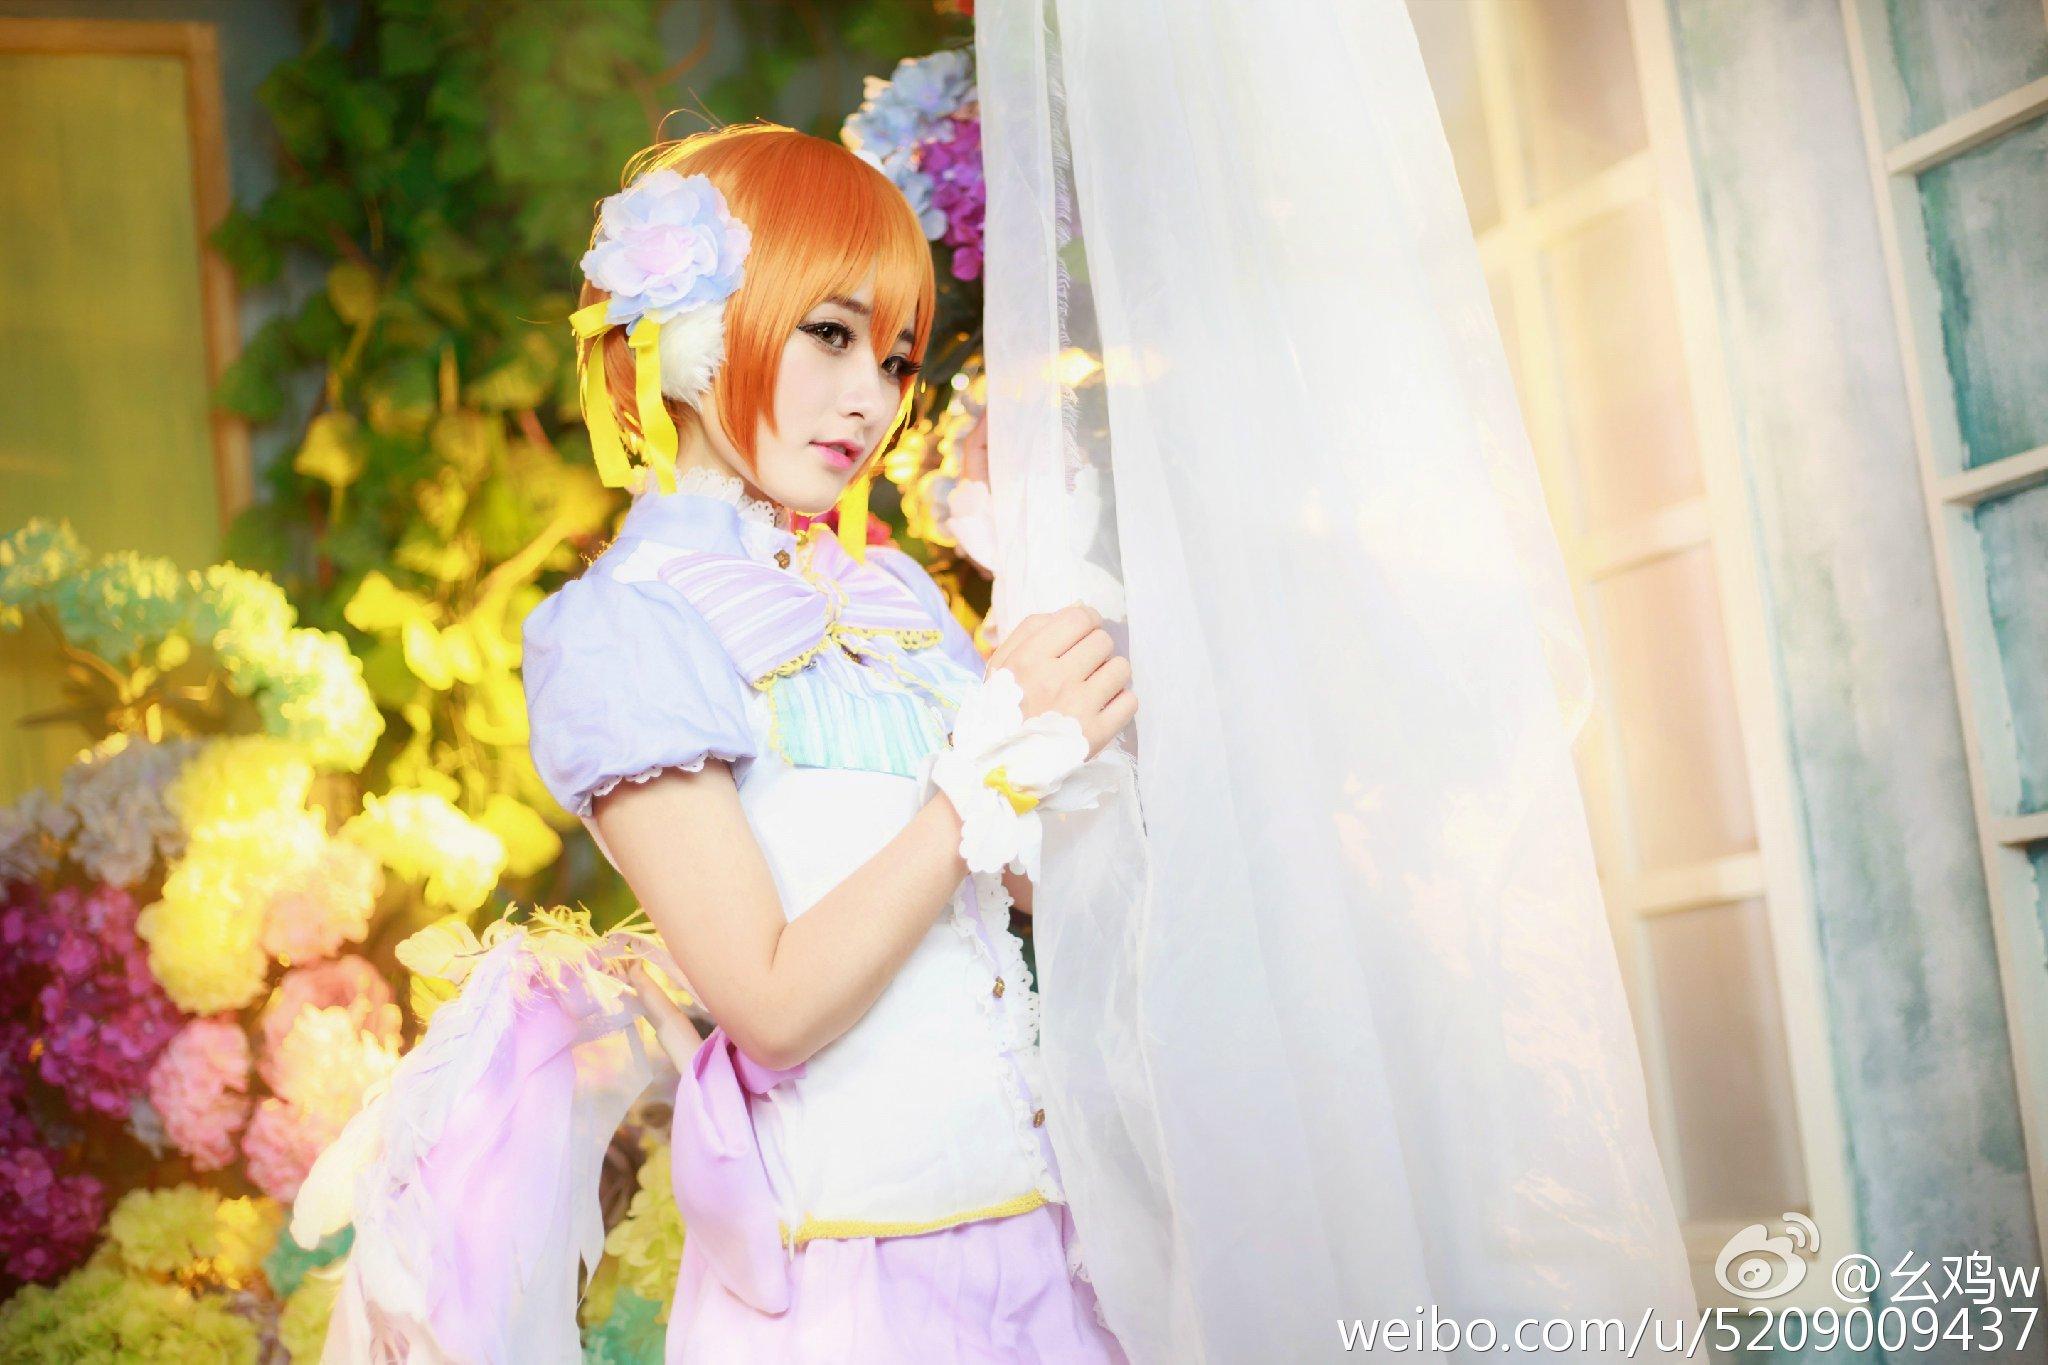 幺鸡w Rin: Phx:不打光会死星人 凛_美女福利图片